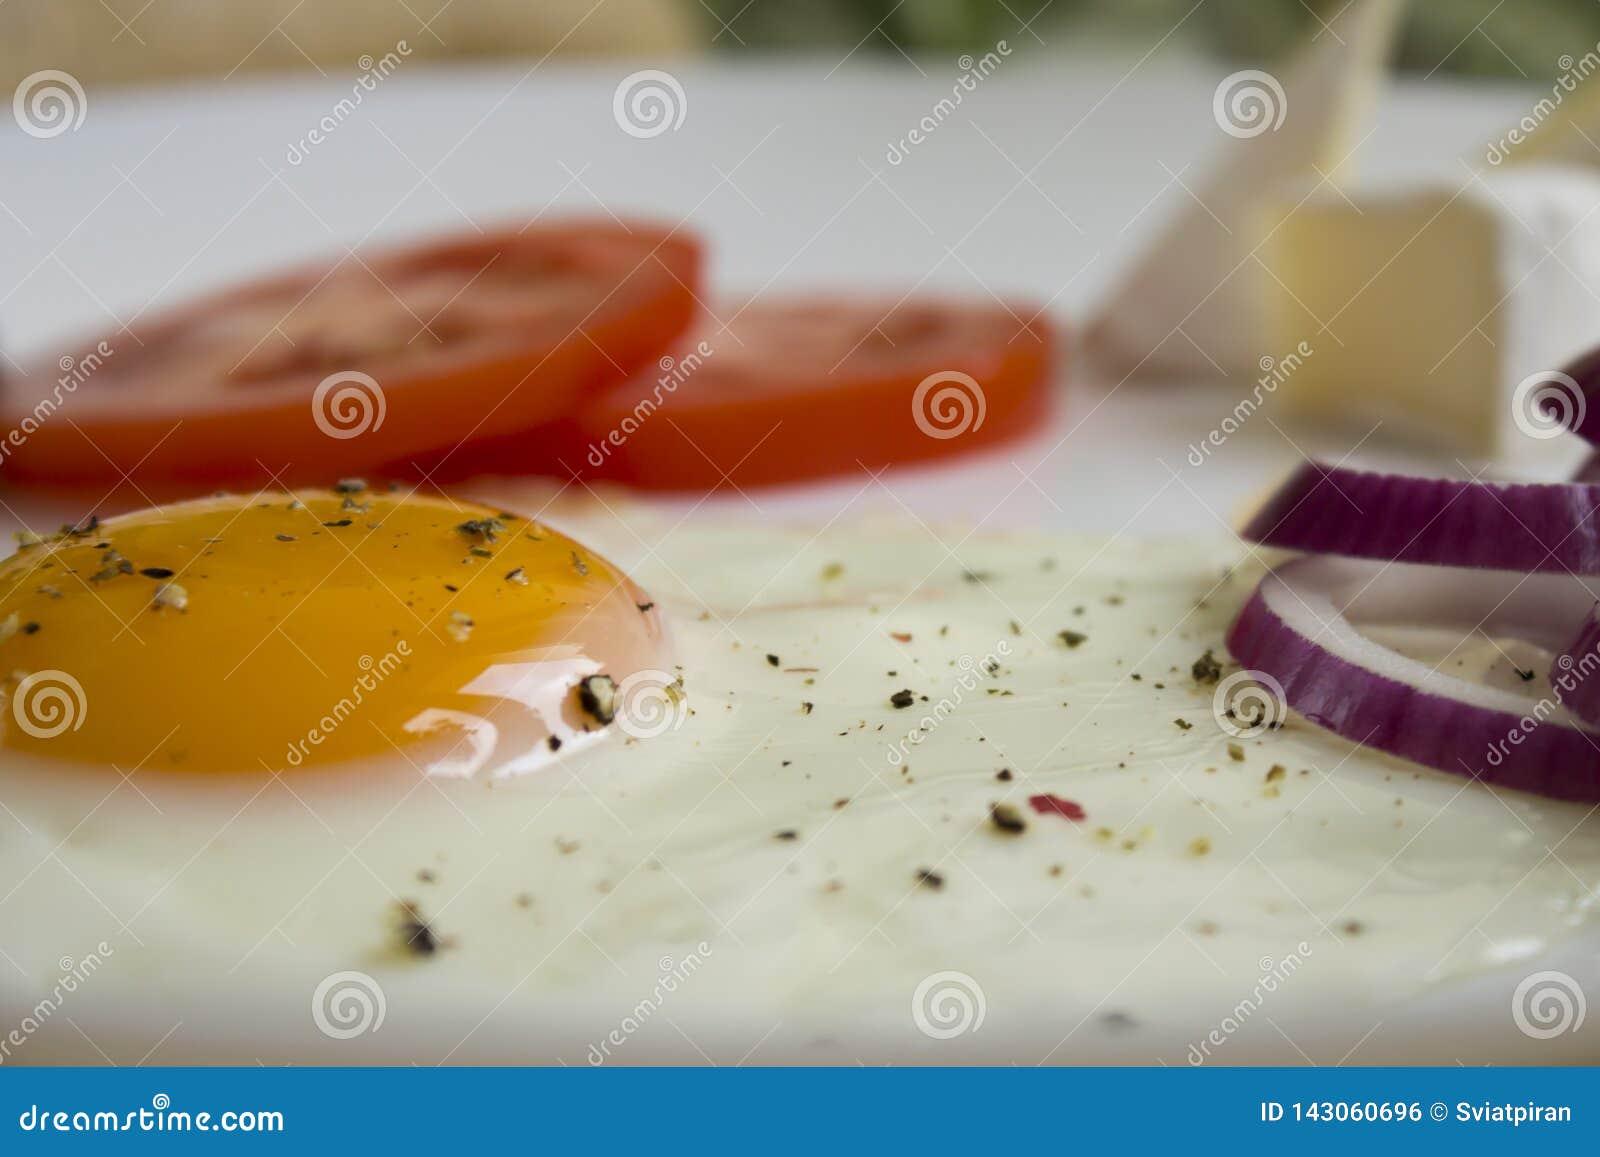 Ovos com um tomate e uma cebola vermelha